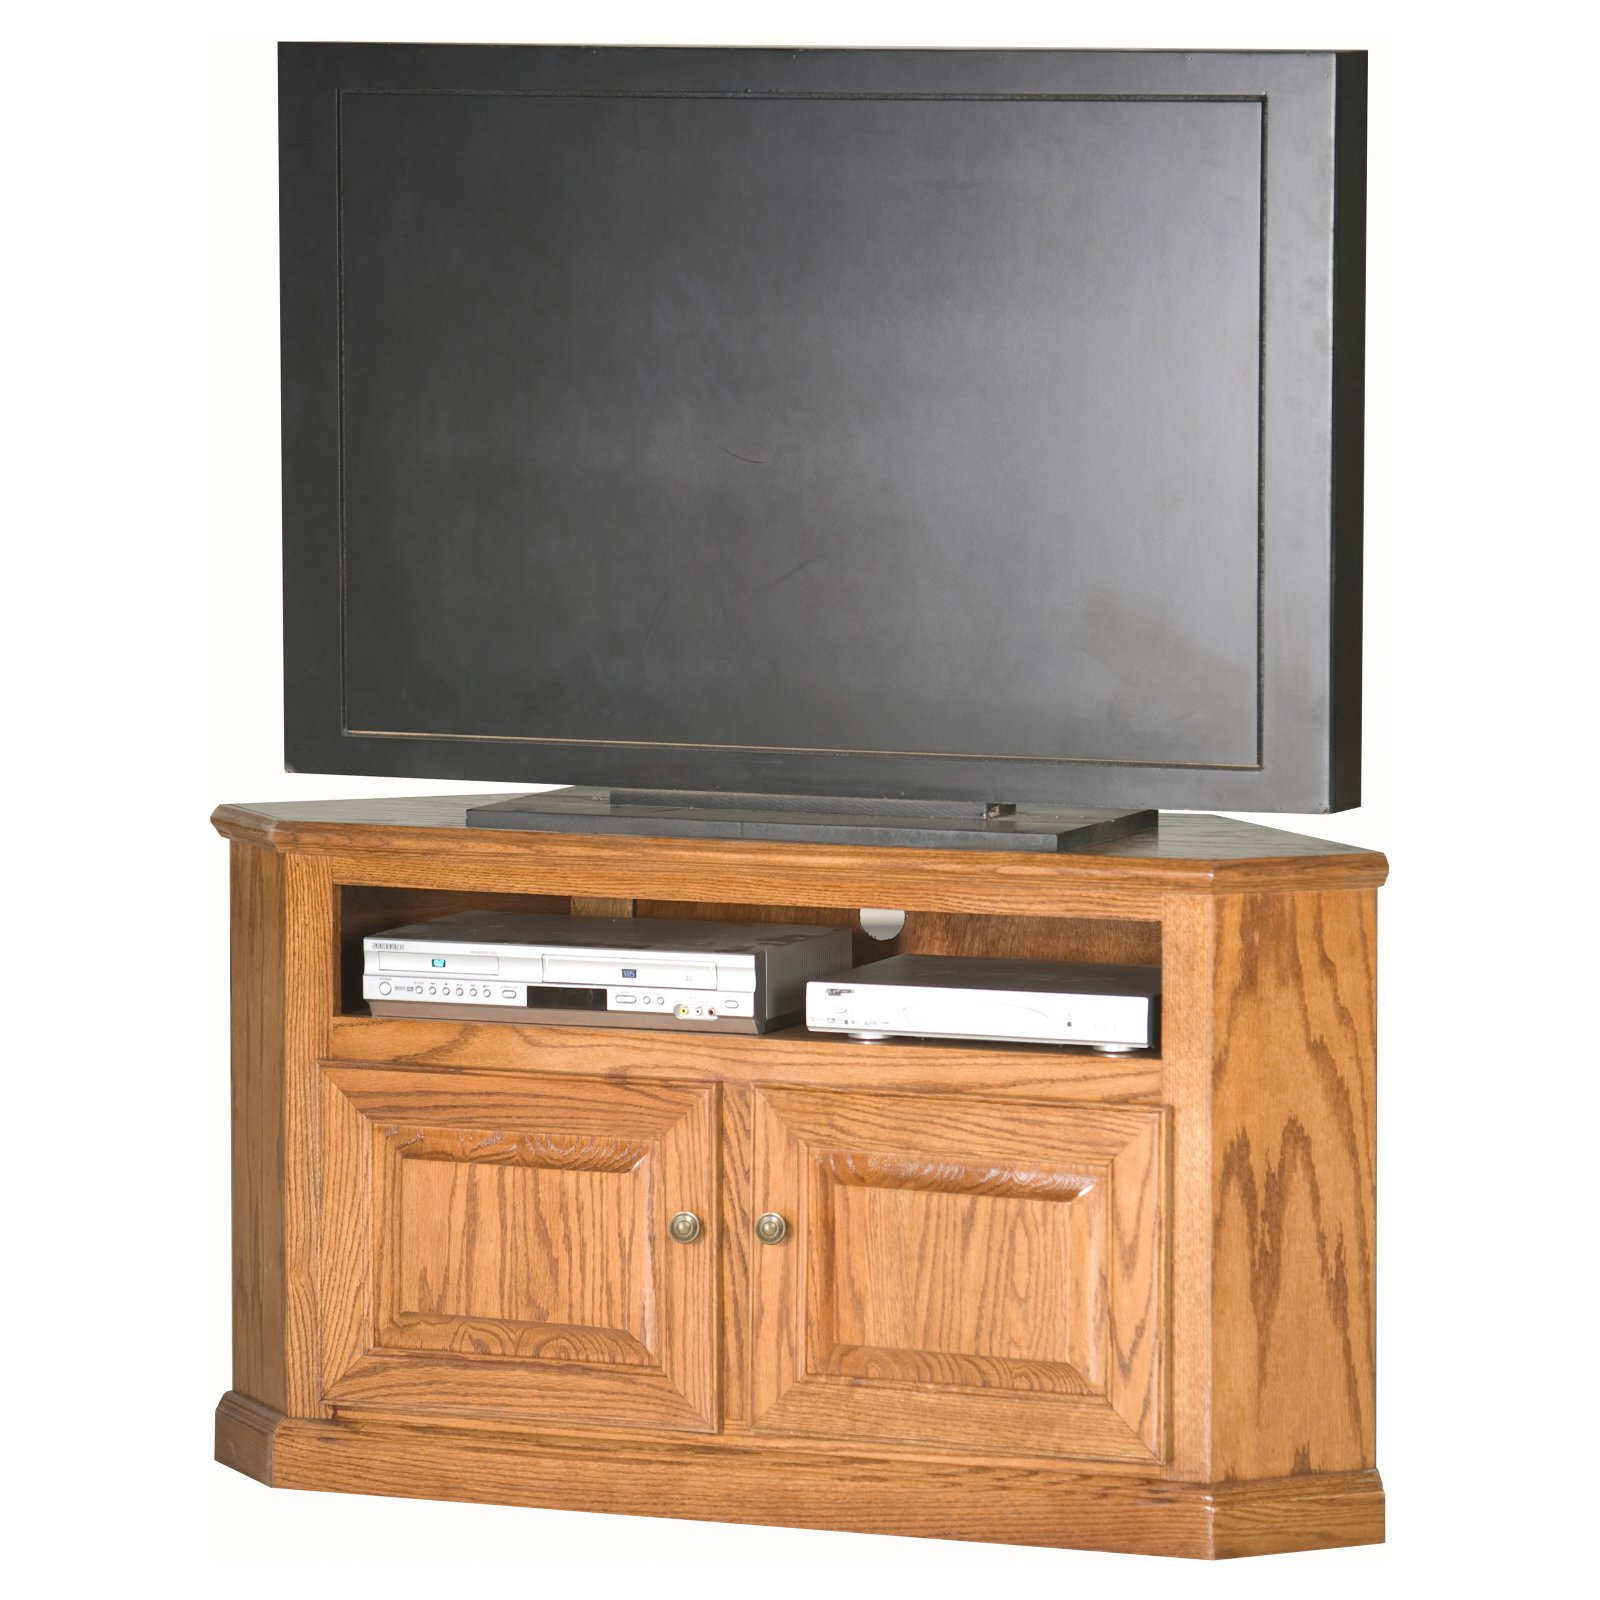 Eagle Furniture Classic Oak Customizable 50 in. Corner TV Stand